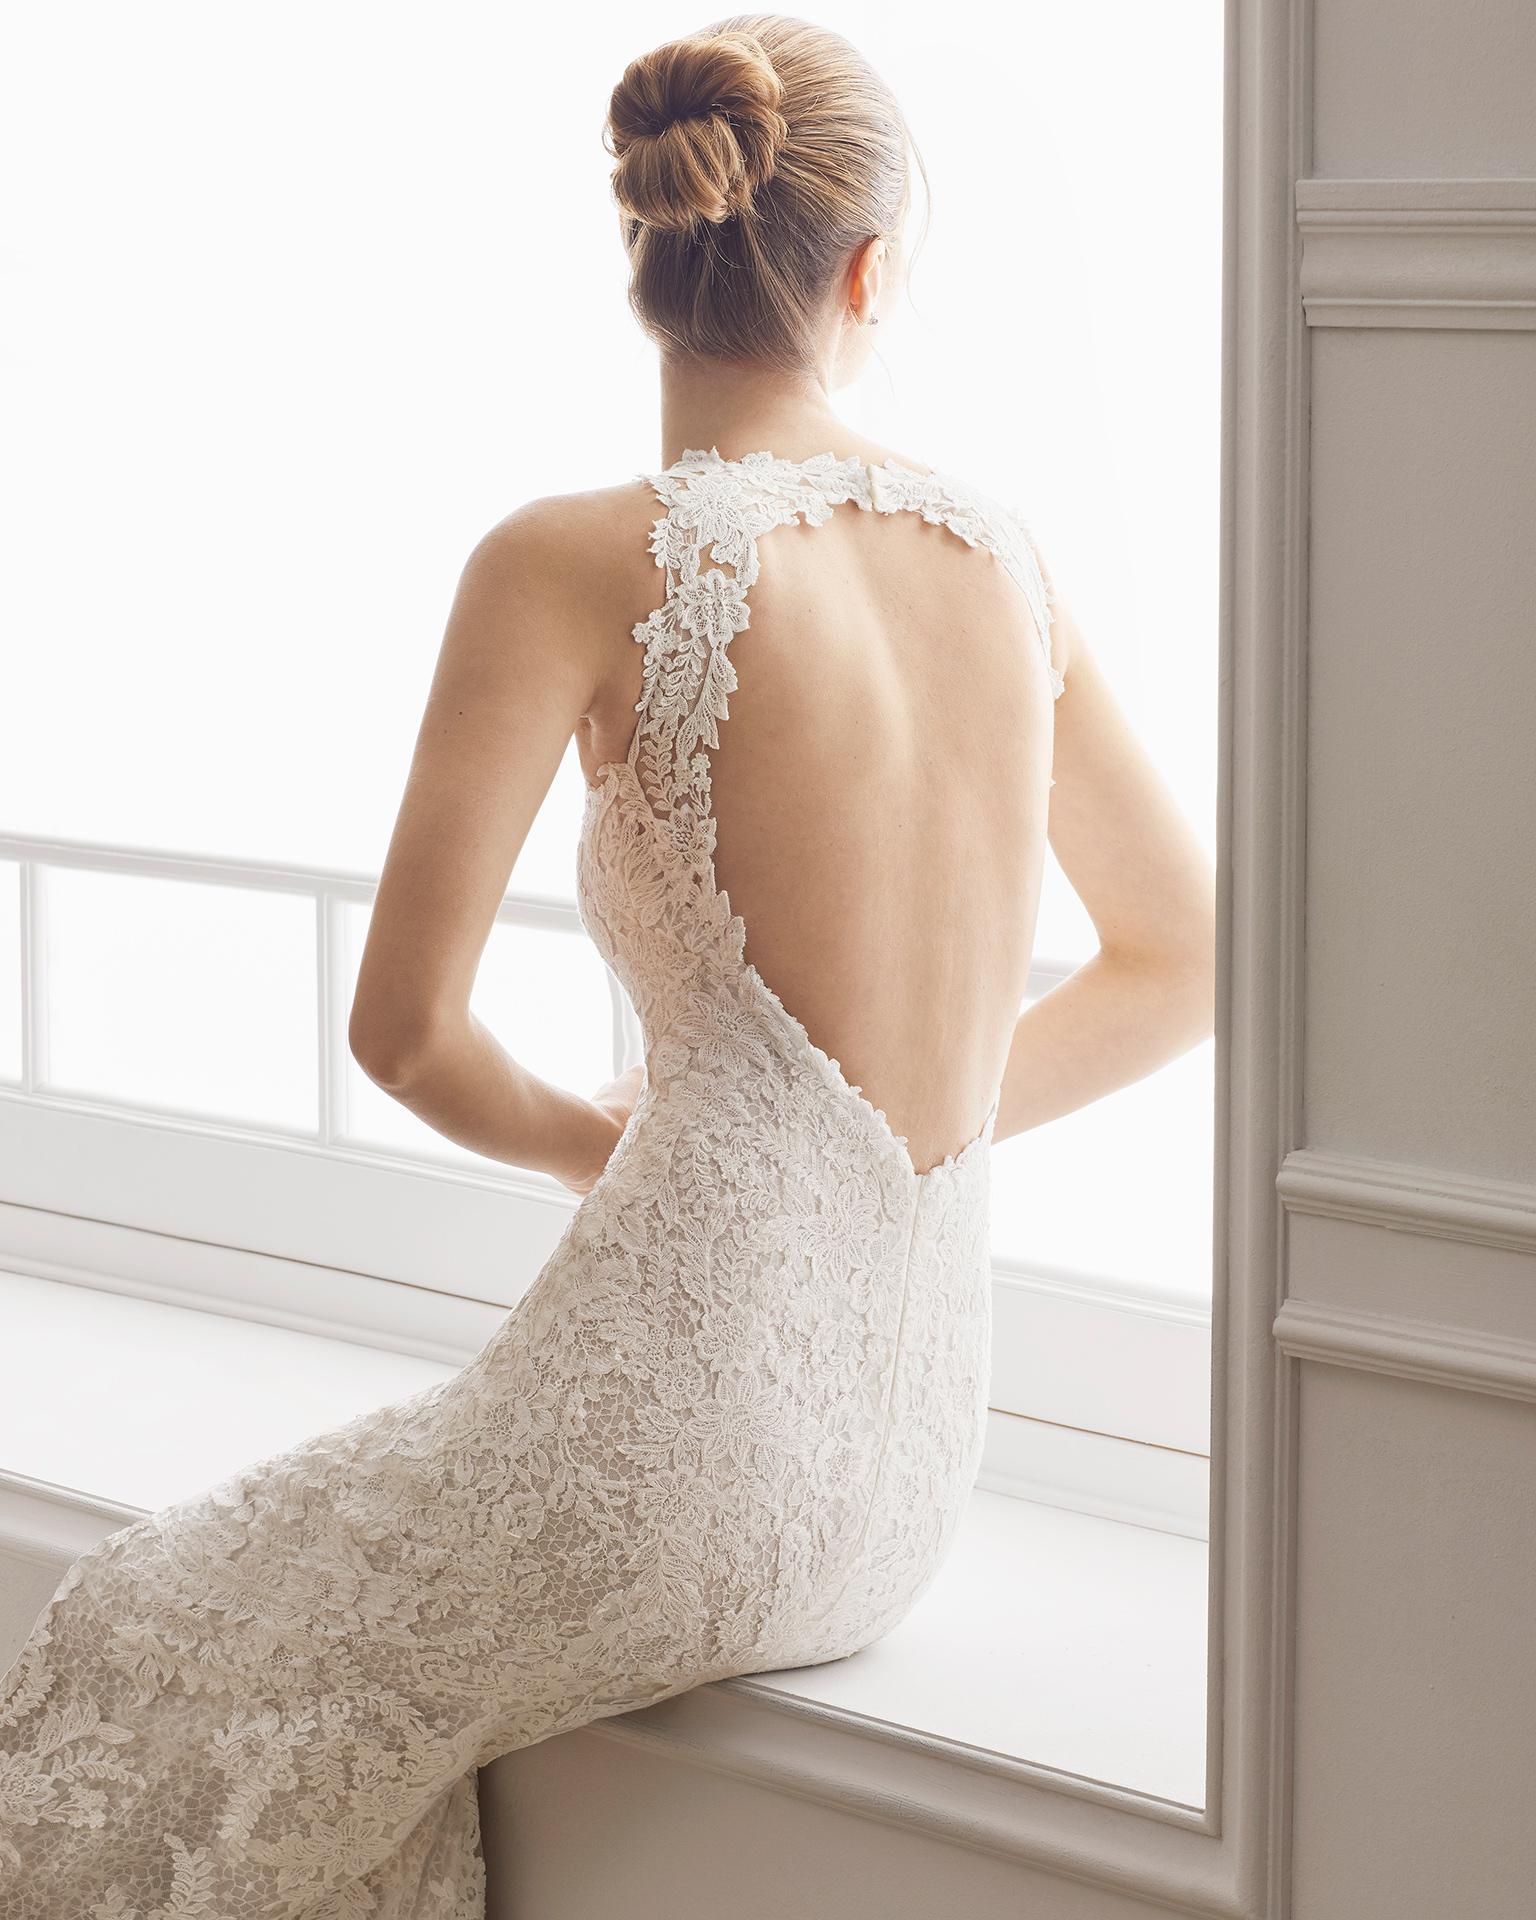 Robe de mariée coupe sirène en dentelle. Col halter et dos nu avec ouverture devant. Disponible en couleur naturelle/nude. Collection AIRE BARCELONA 2019.